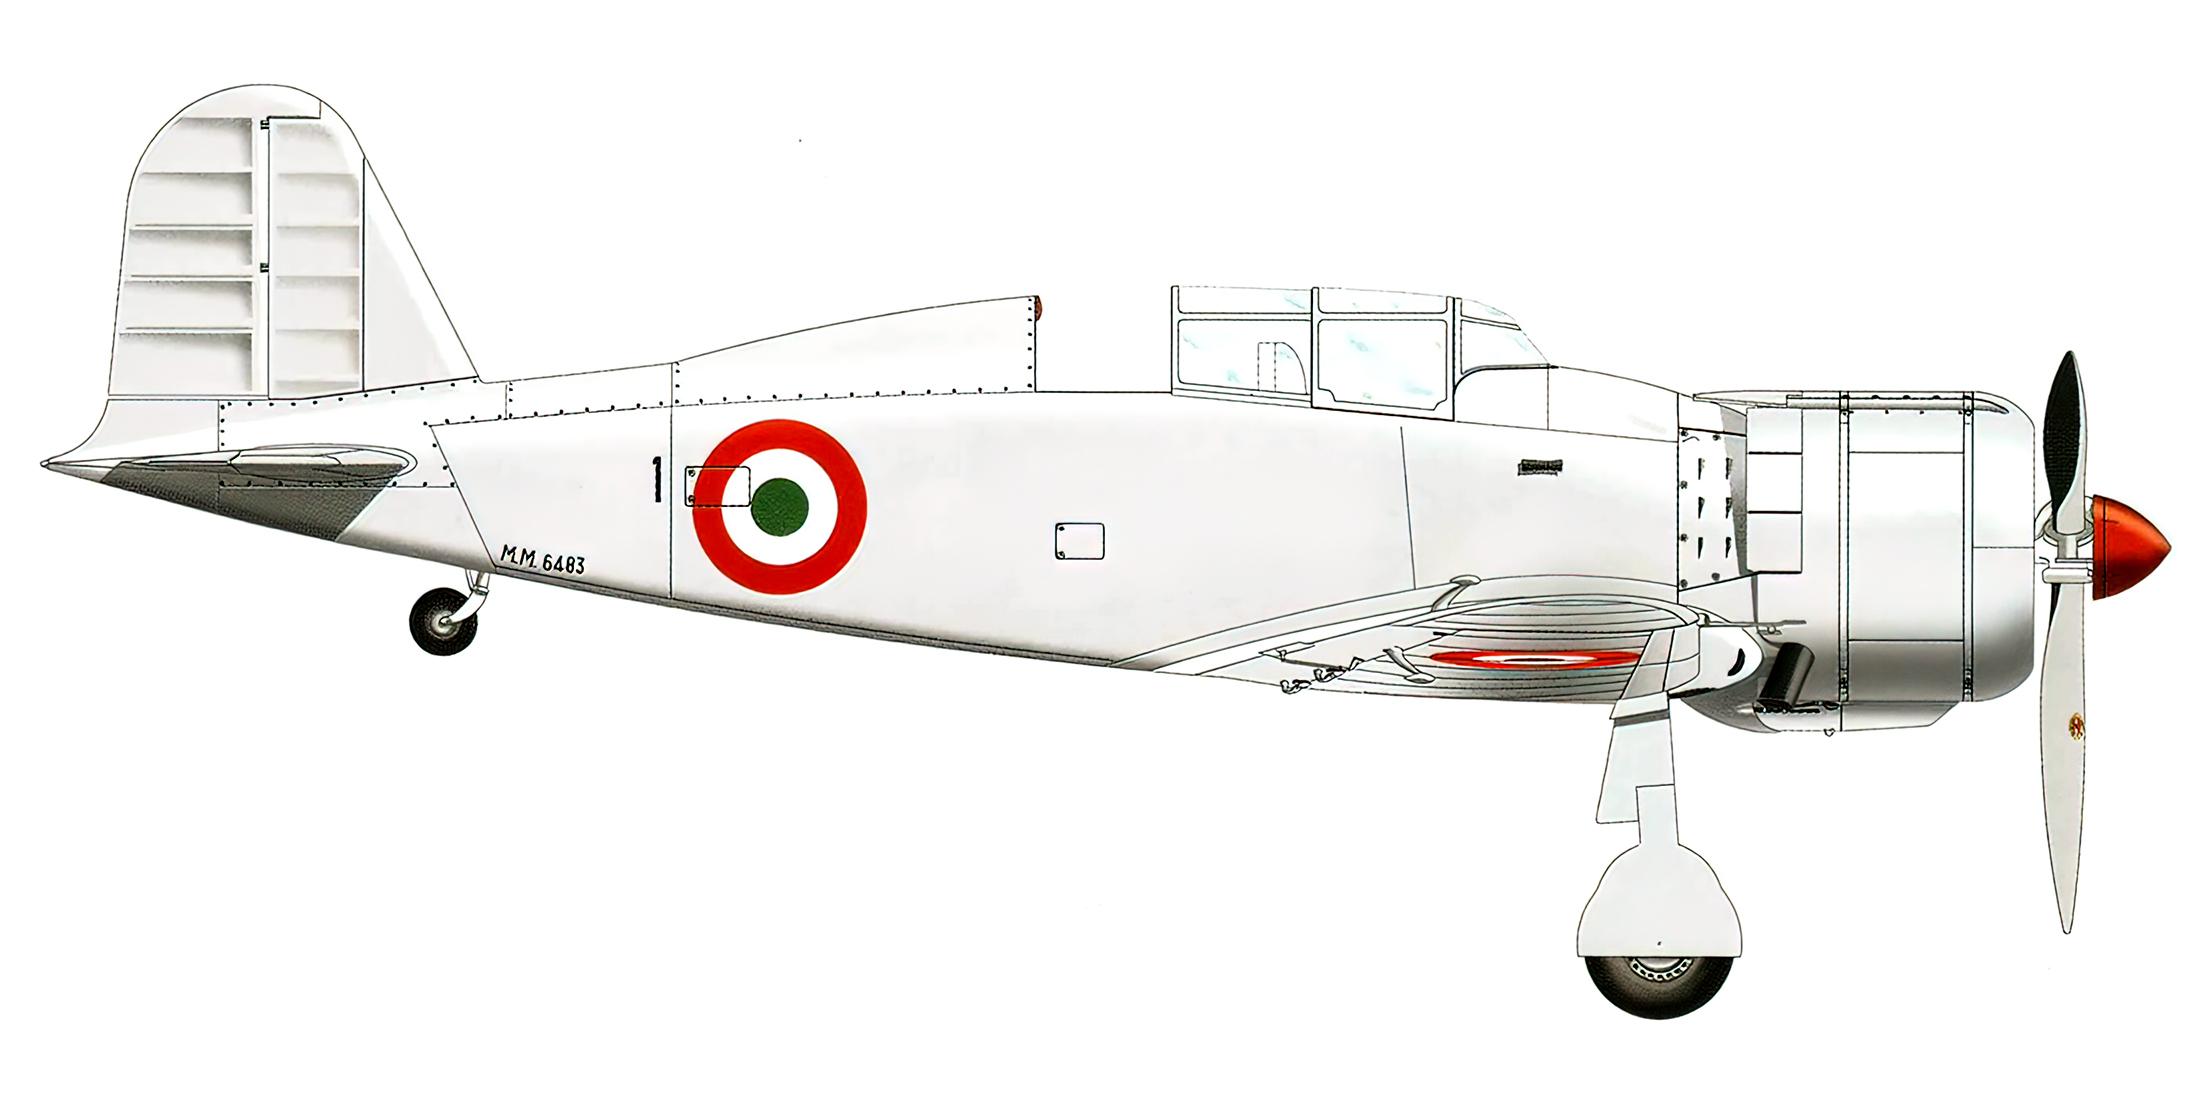 Fiat G50B Freccia ANR 2 Gruppo Scuola Volo 3 Squadriglia MM6843 Brindisi 1946 0A